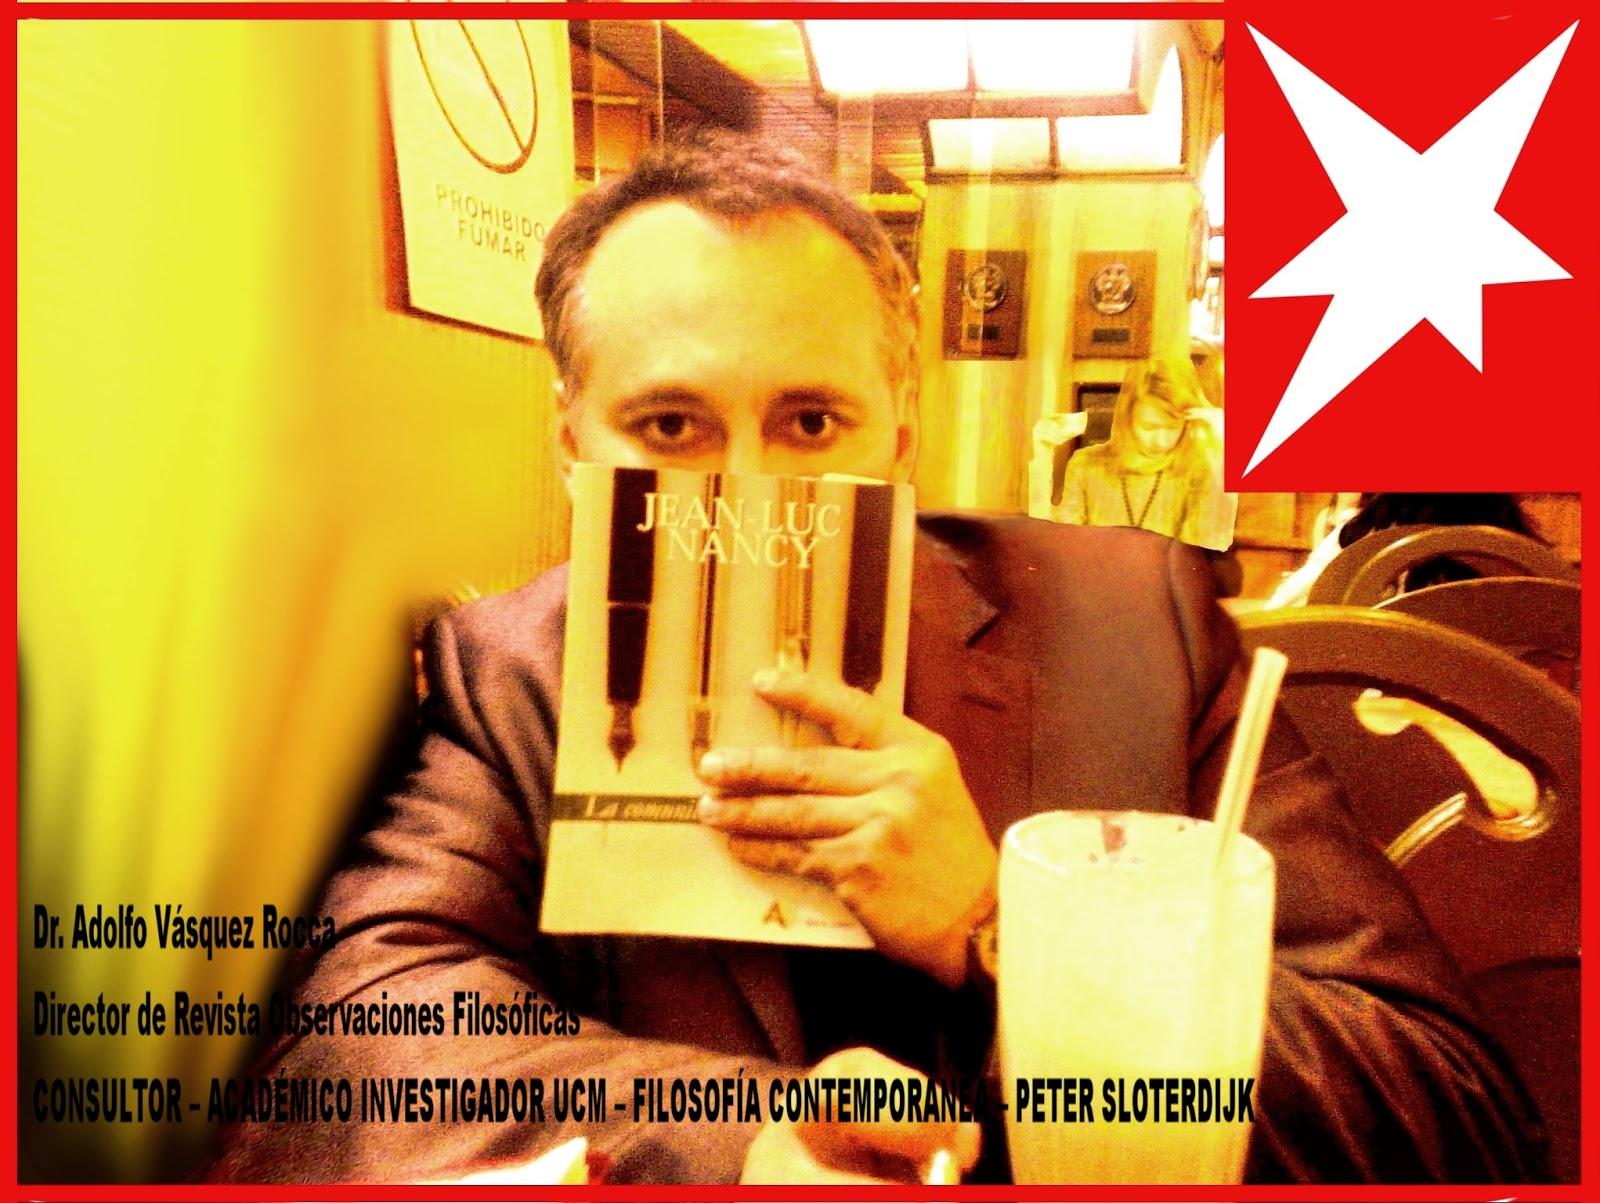 http://3.bp.blogspot.com/-EVGoXQsWAH8/UiAefgMP4HI/AAAAAAAAJ0A/sGNznl_QT30/s1600/Adolfo+Vasquez+Rocca+_+Doctor+en+Filosofia+_+Filosofia+Contemporanea+_+Universidad+Complutense+de+Madrid+_.jpeg